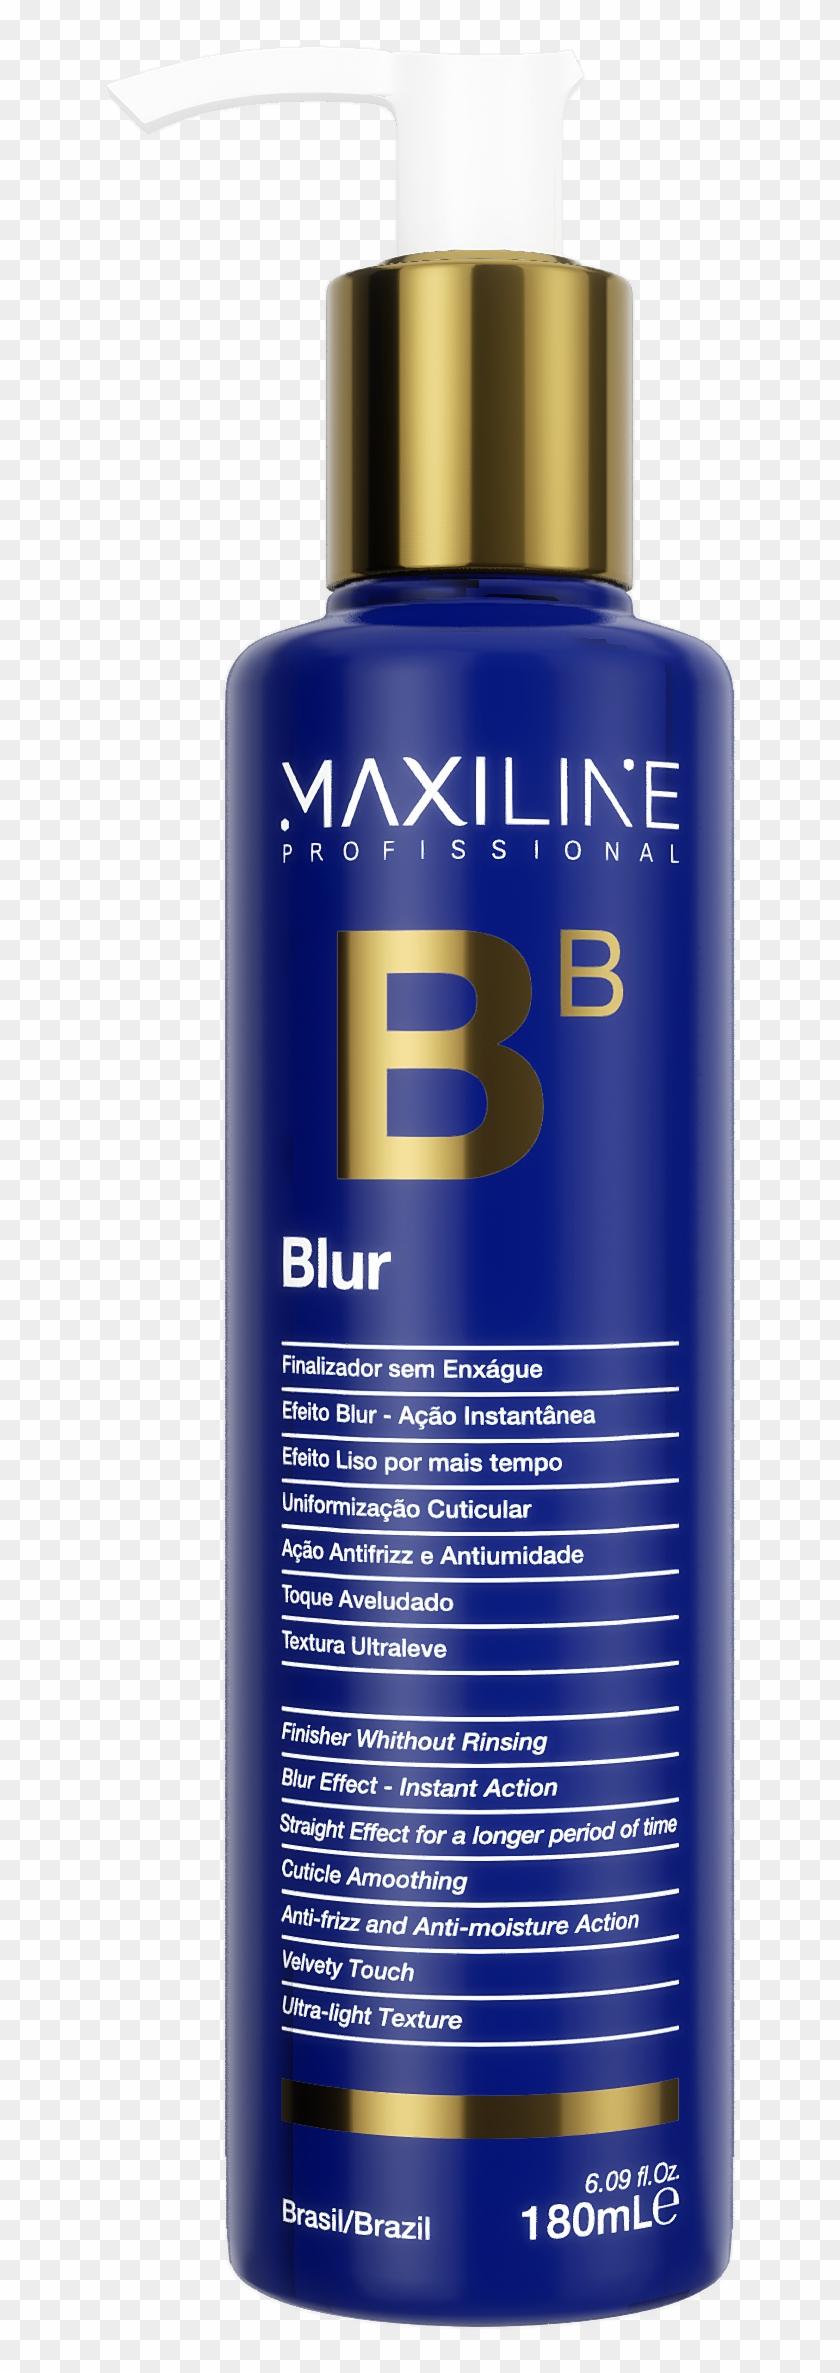 Bb Blur - Cosmetics Clipart #722925